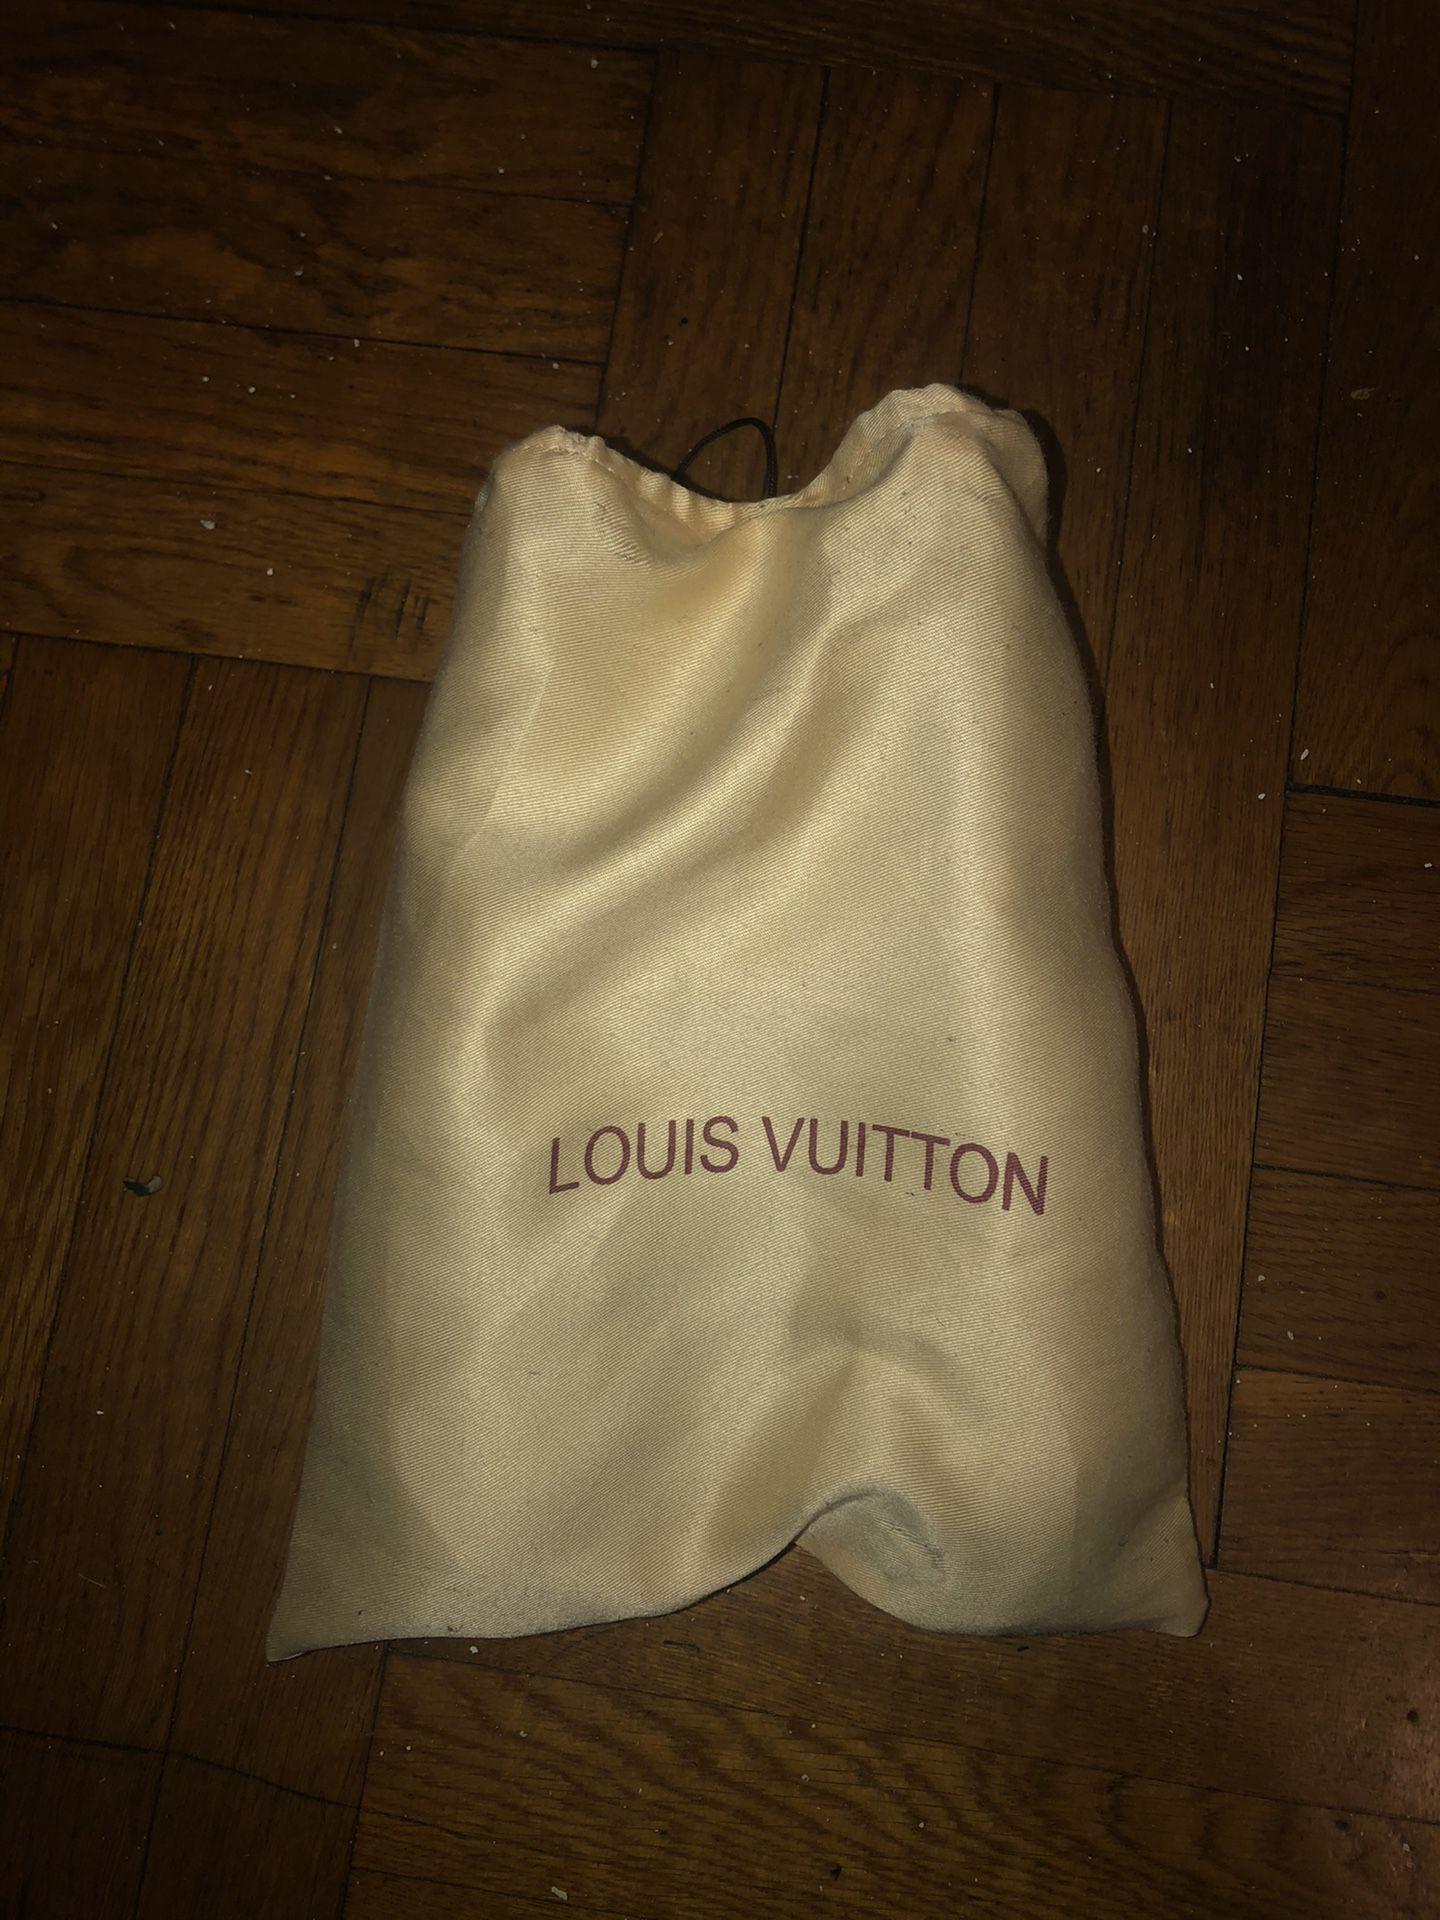 Louis Vuitton Run Away Sneakers